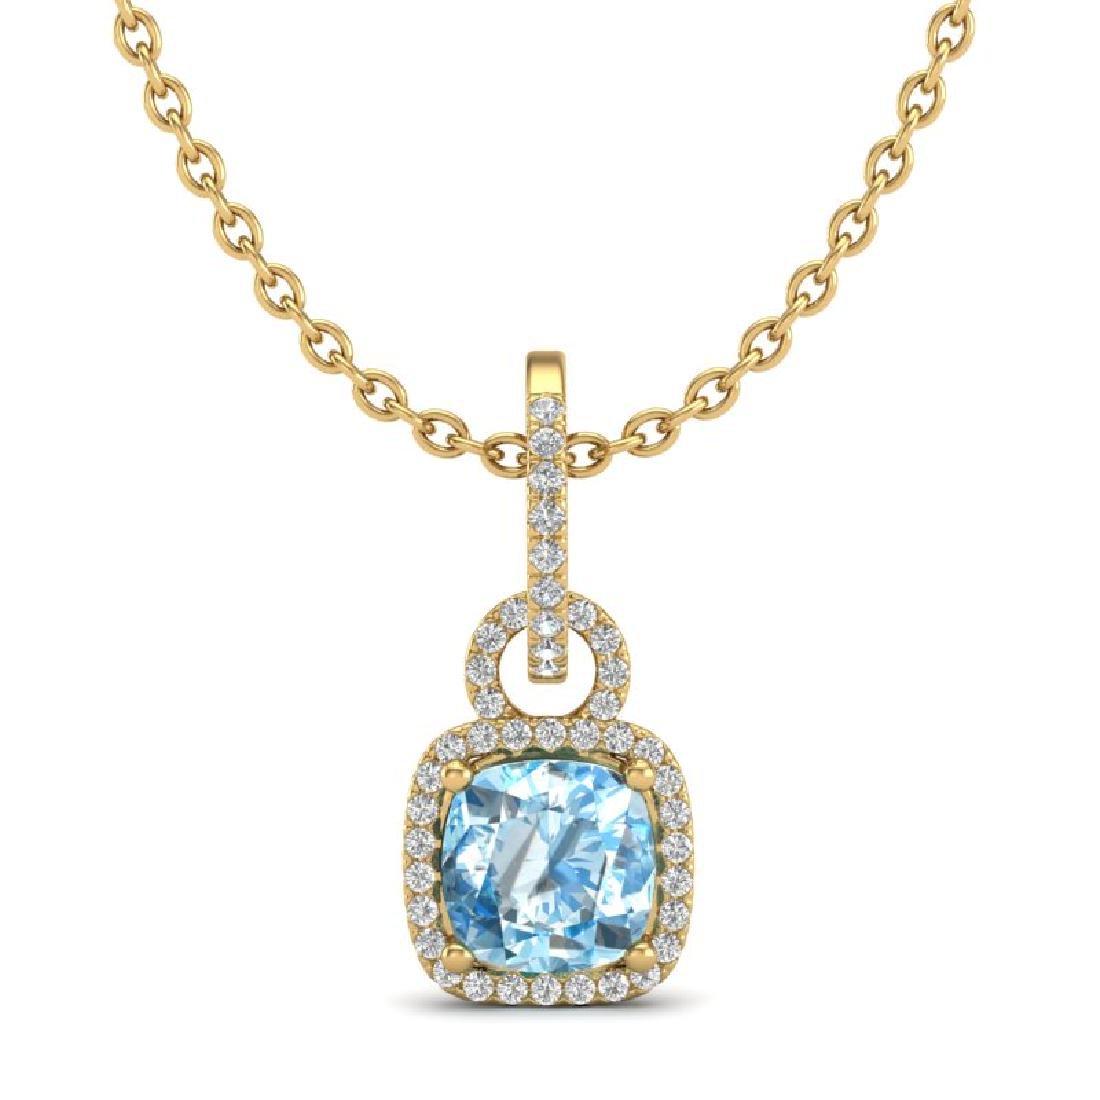 3.50 CTW Topaz & Micro VS/SI Diamond Necklace 18K - 2